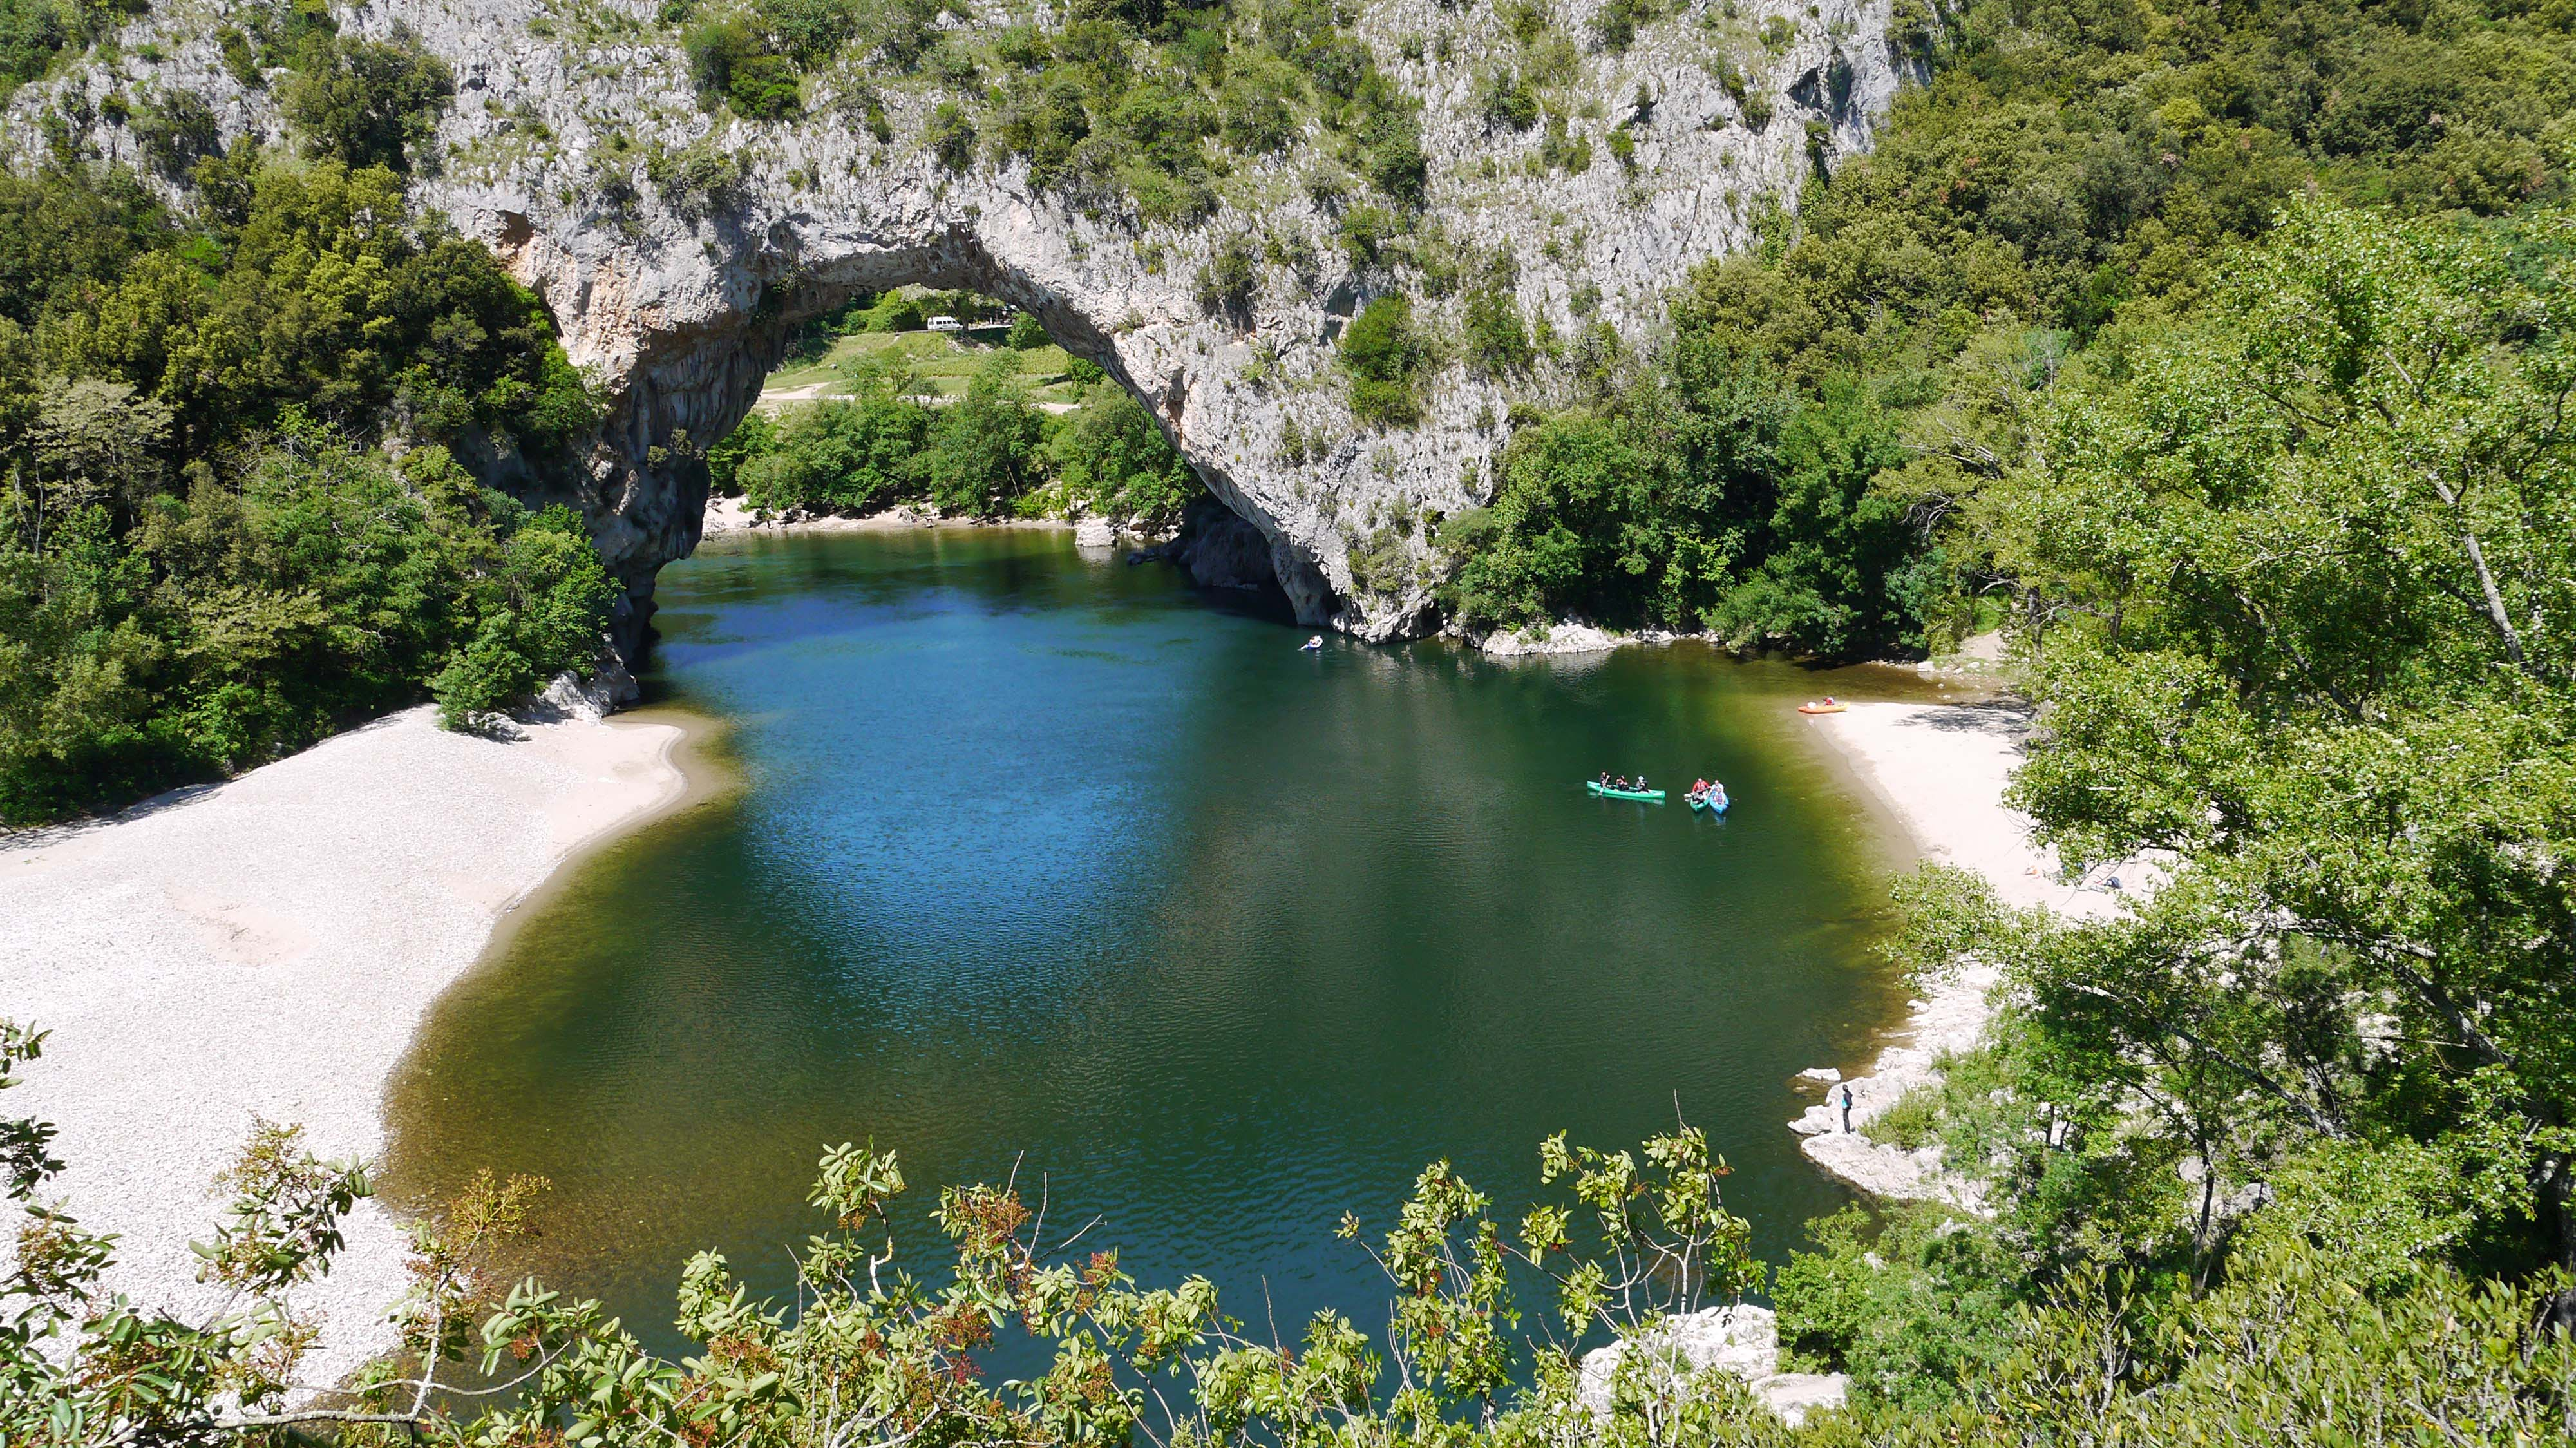 le-pont-d-arc-aval-sebastien-gayet-pont-d-arc-ardeche-9719